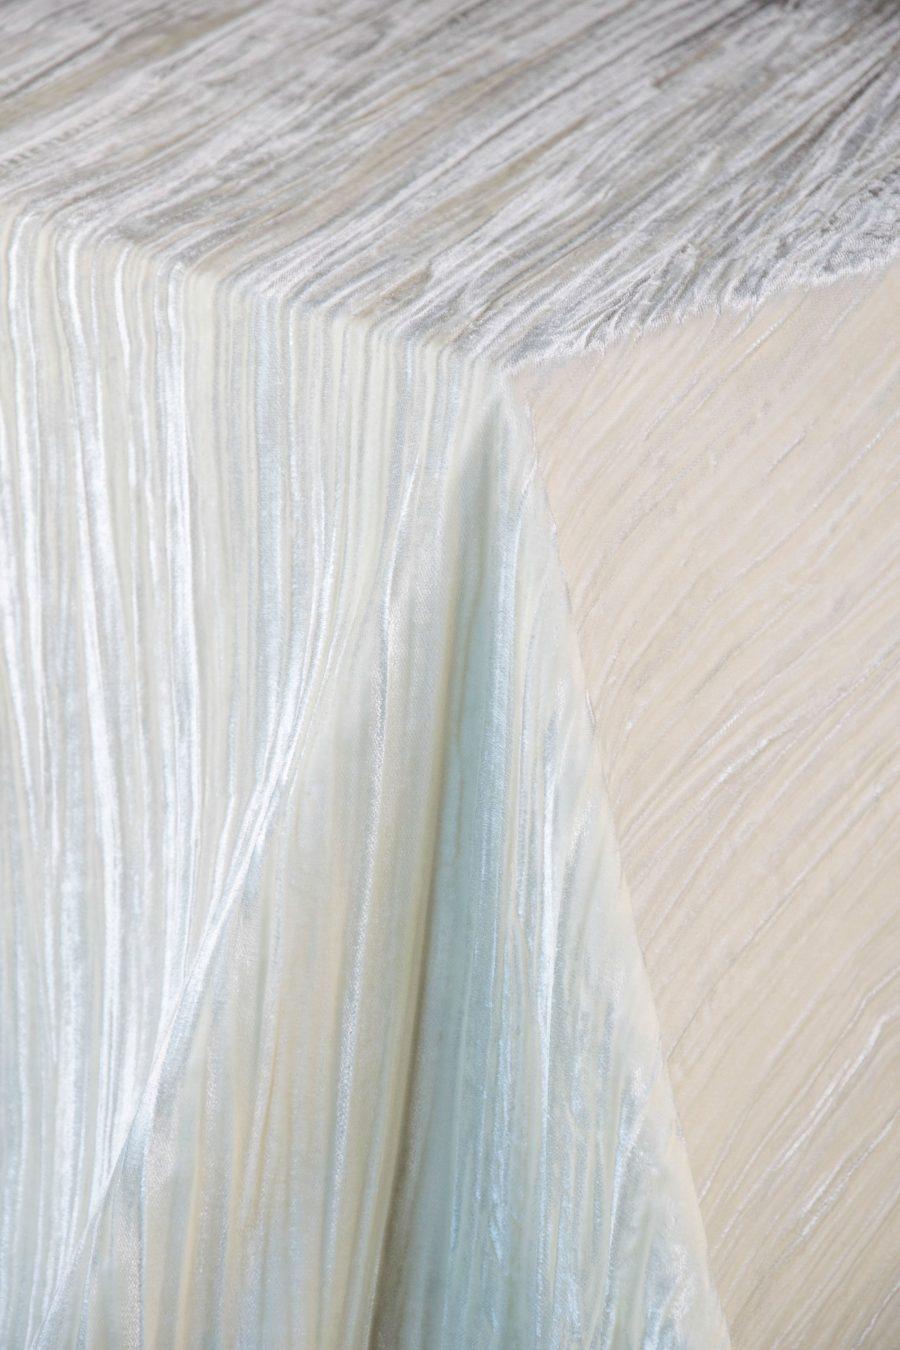 Velvet-Crinkle-Ivory-900x1350.jpg